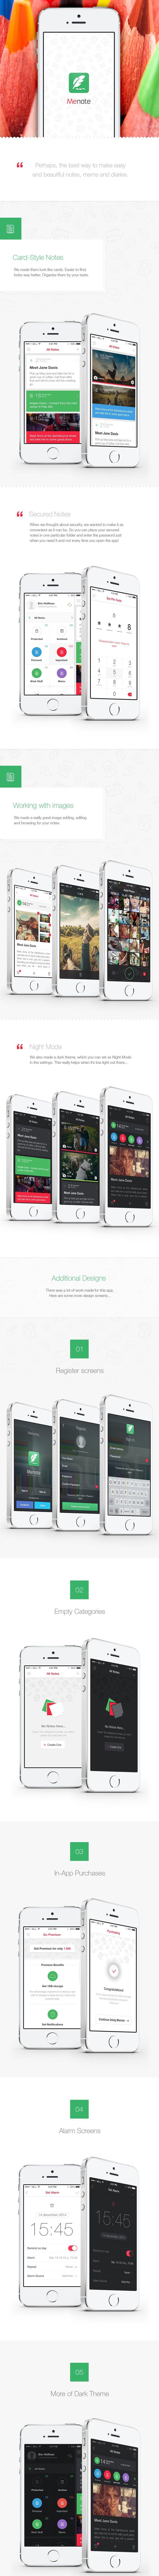 Daily Mobile UI Design Inspiration #352